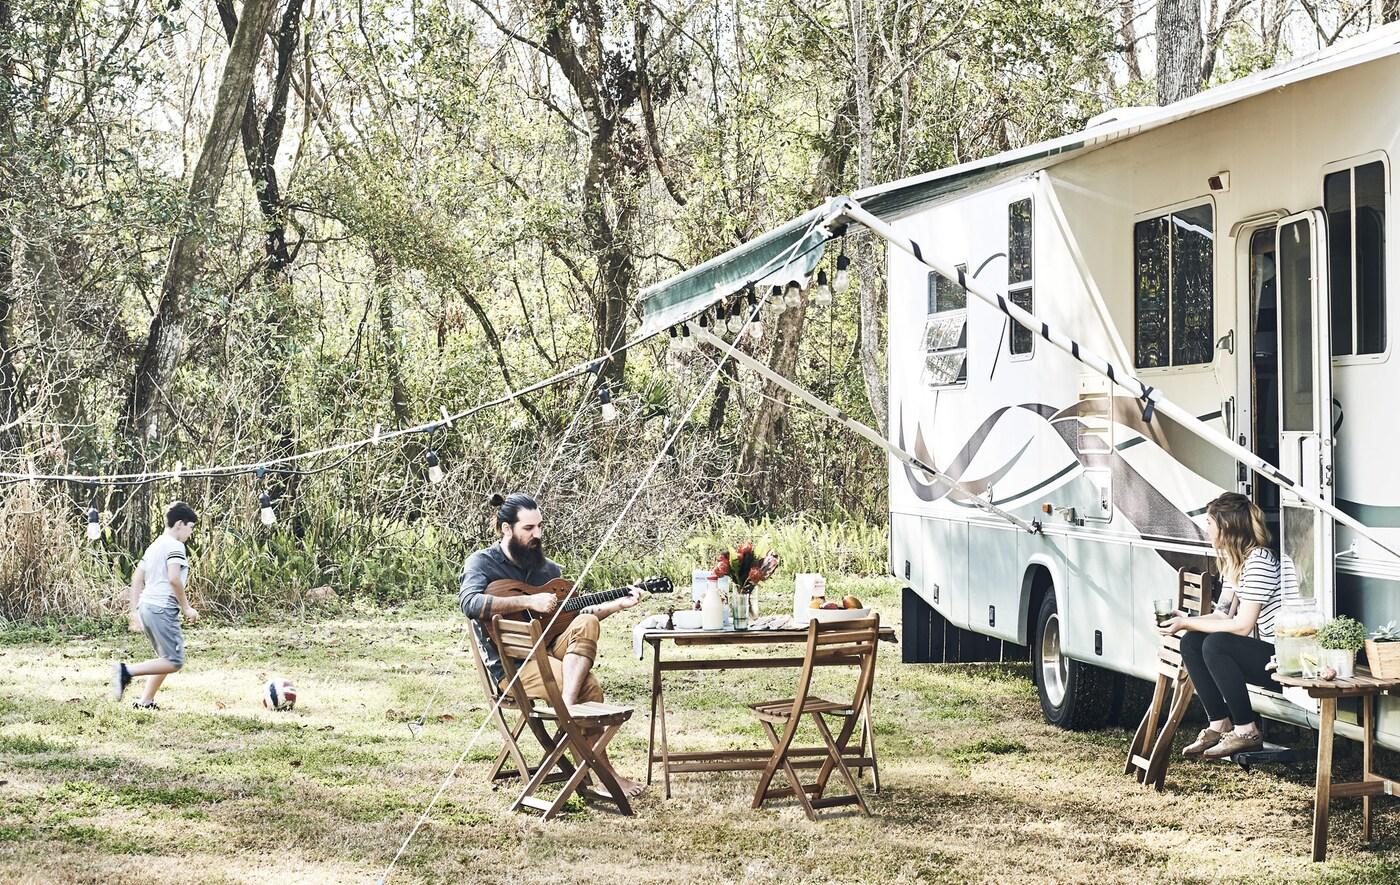 Eine Familie entspannt vor einem Wohnmobil in ländlicher Umgebung.